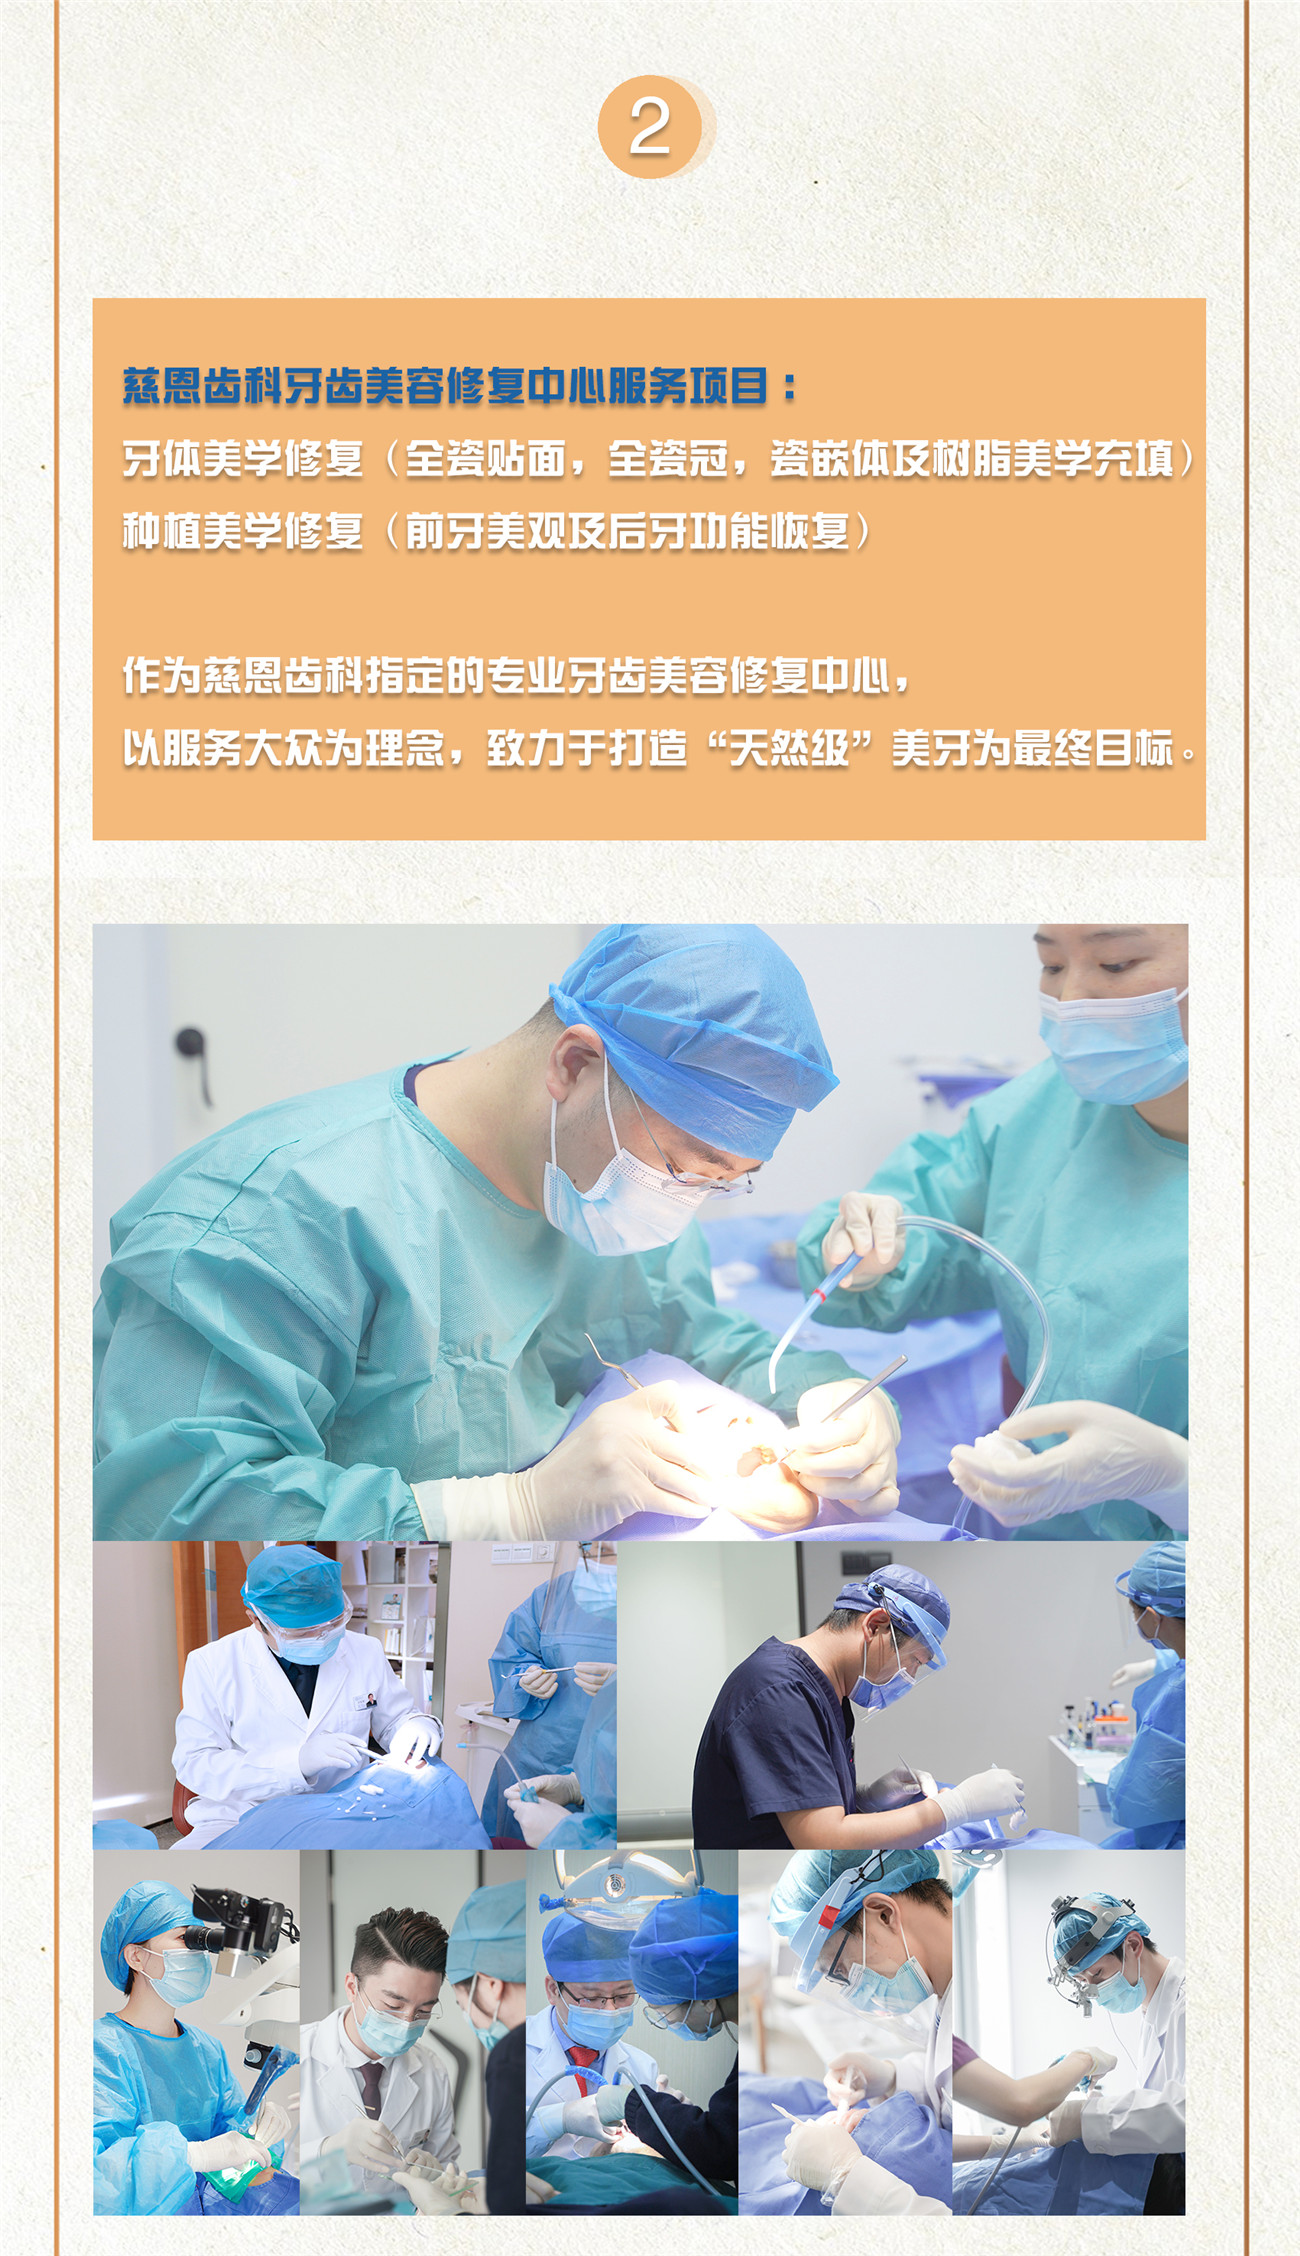 慈恩齿科美容修复中心正式成立